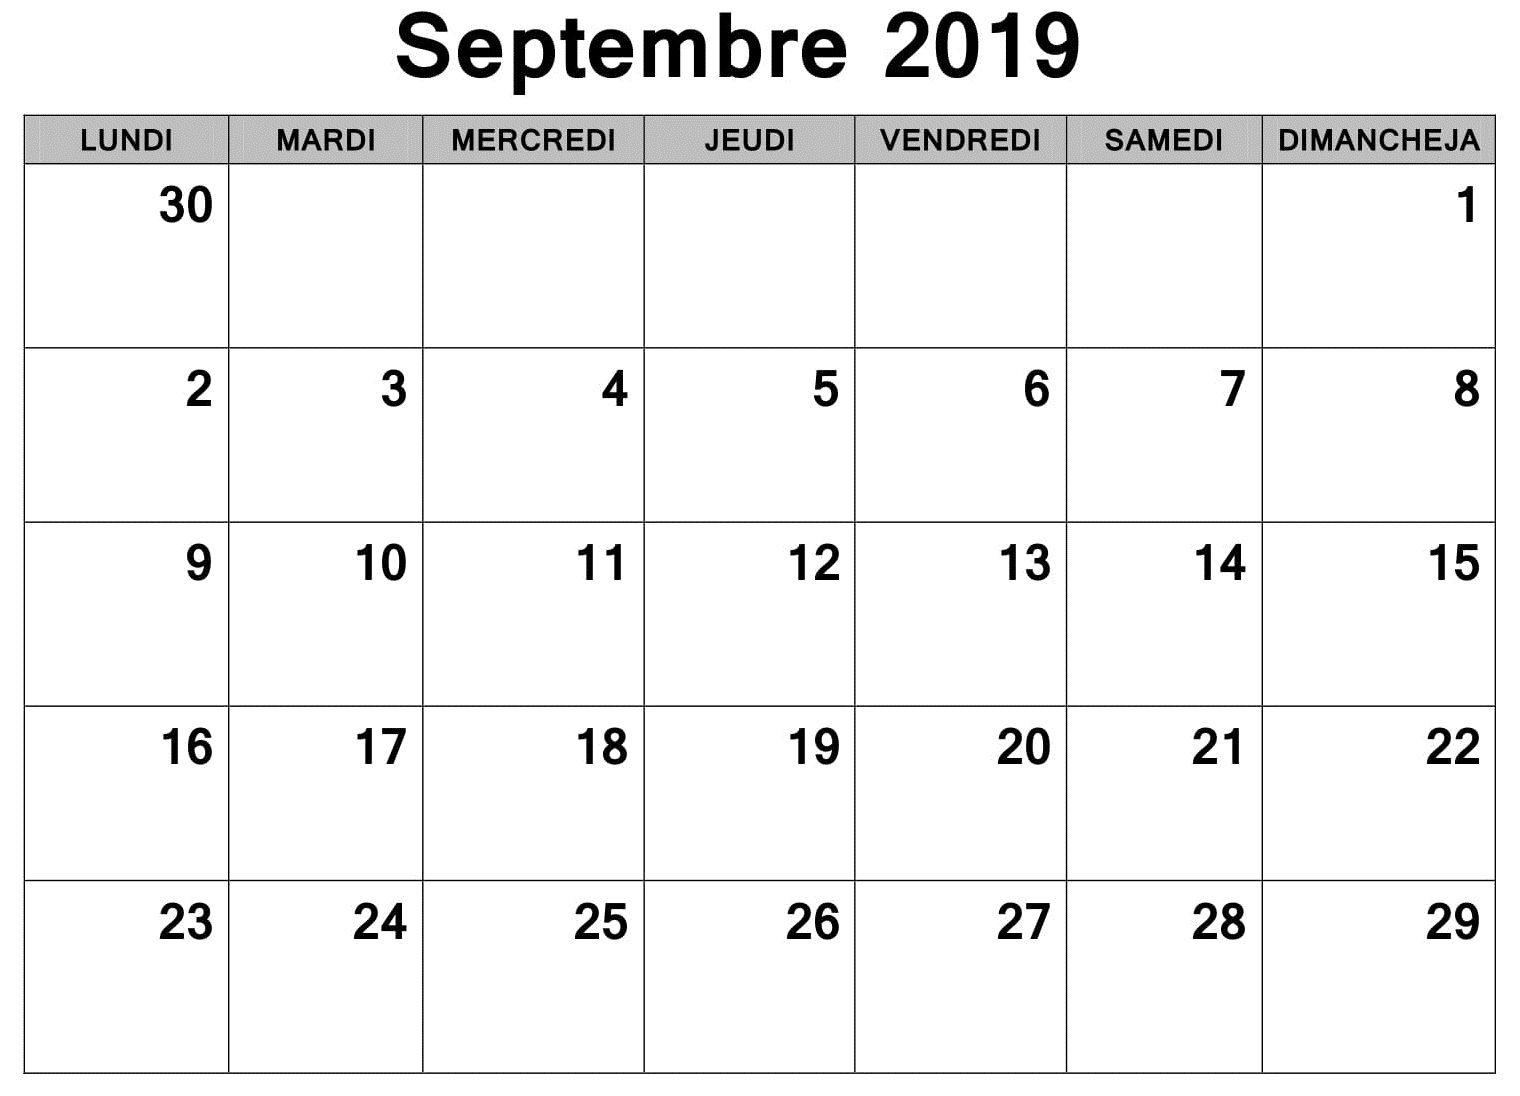 Calendrier 2019 Mois Par Mois A Imprimer.Calendrier 2019 Mois Septembre A Imprimer Diy